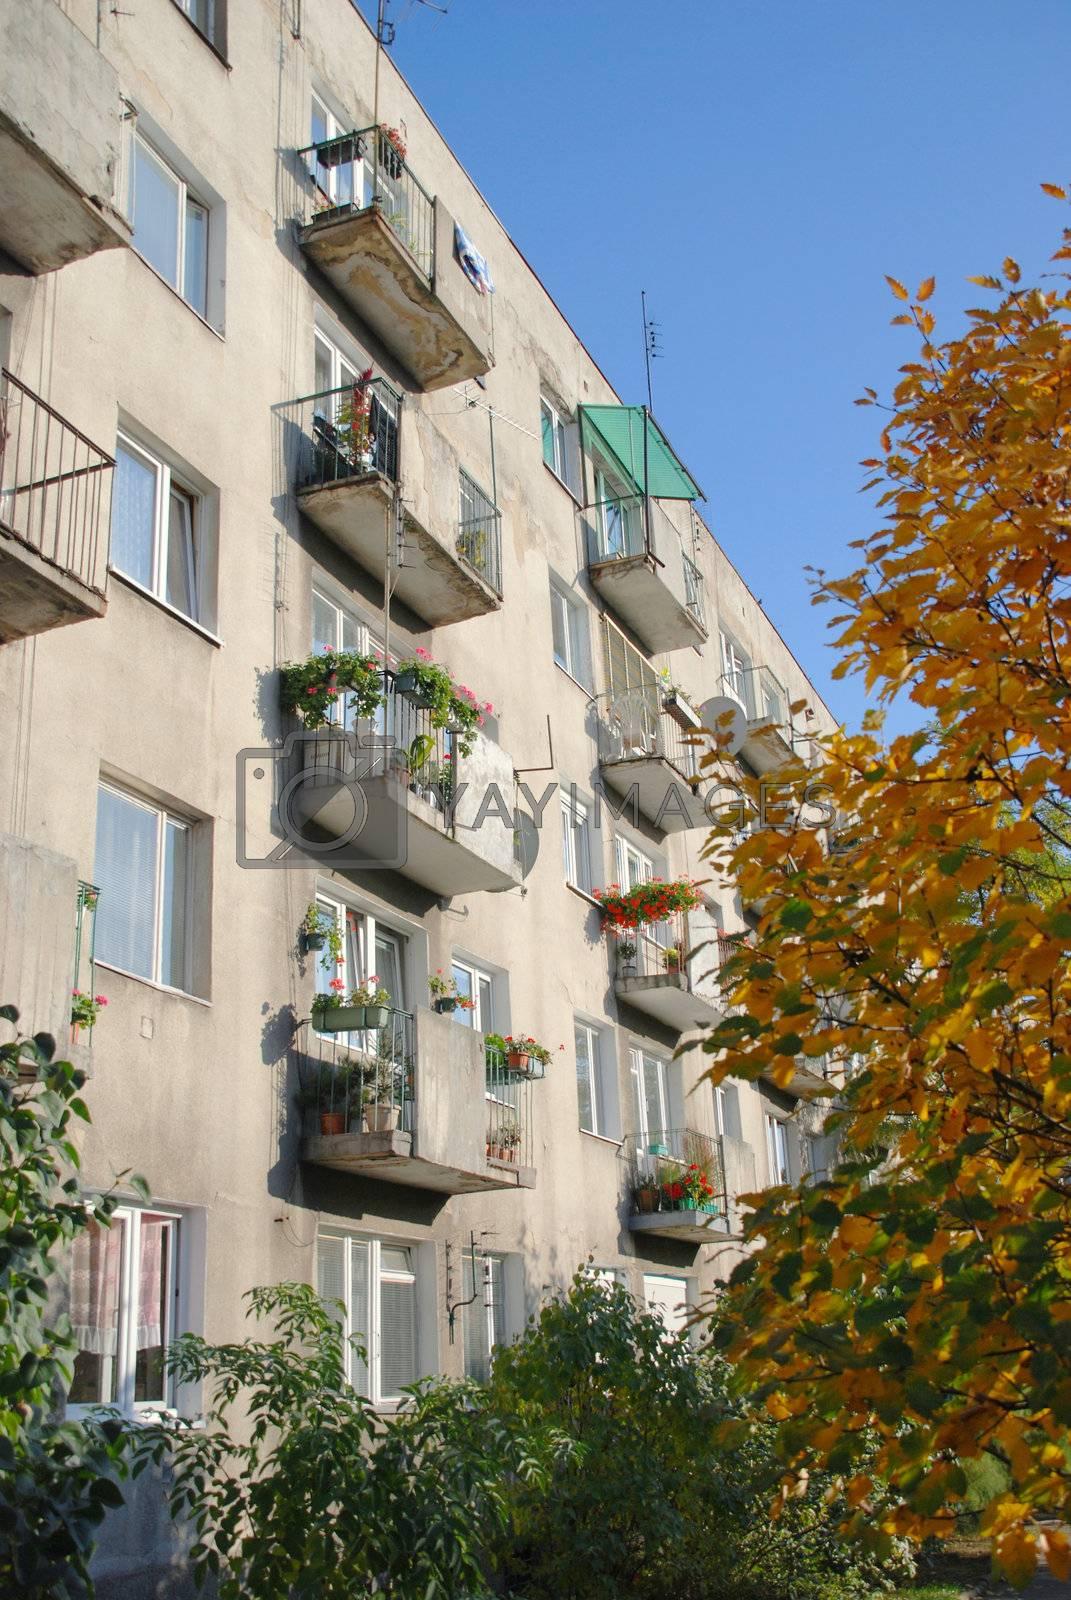 Old balconies in Wroclaw. Poland. by wojciechkozlowski